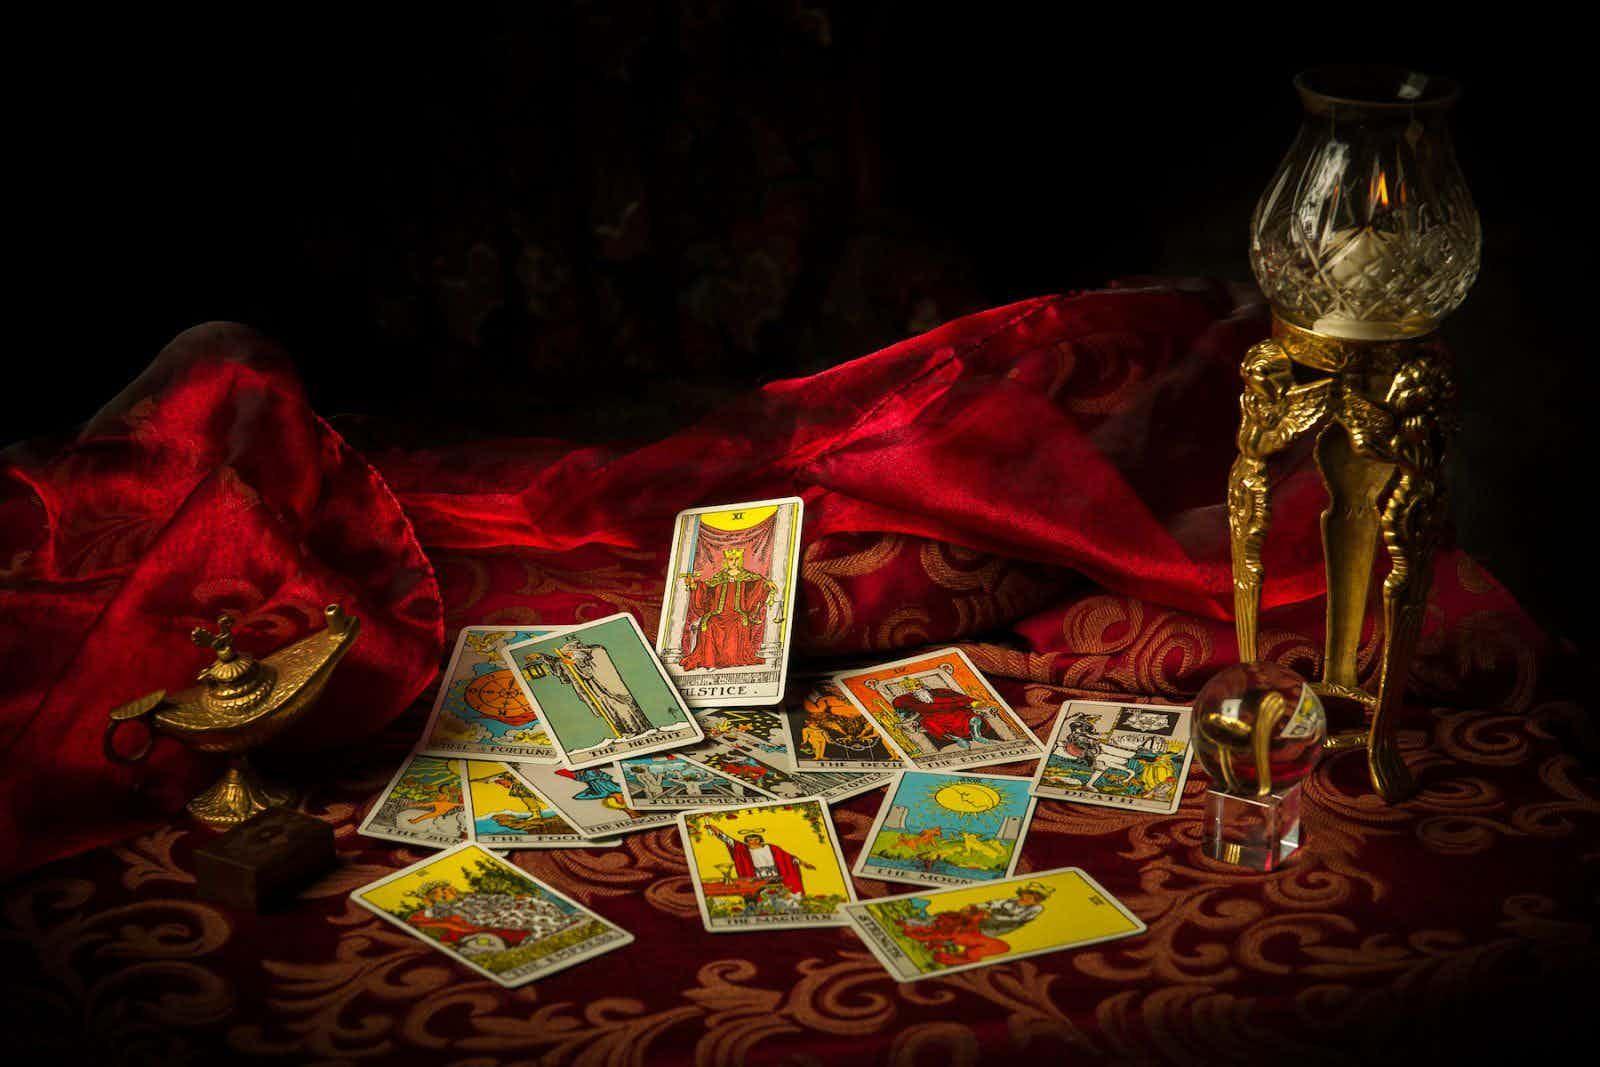 tarot-waarzegster-kaarten-boeken-braderie-kerstmarkt-feest